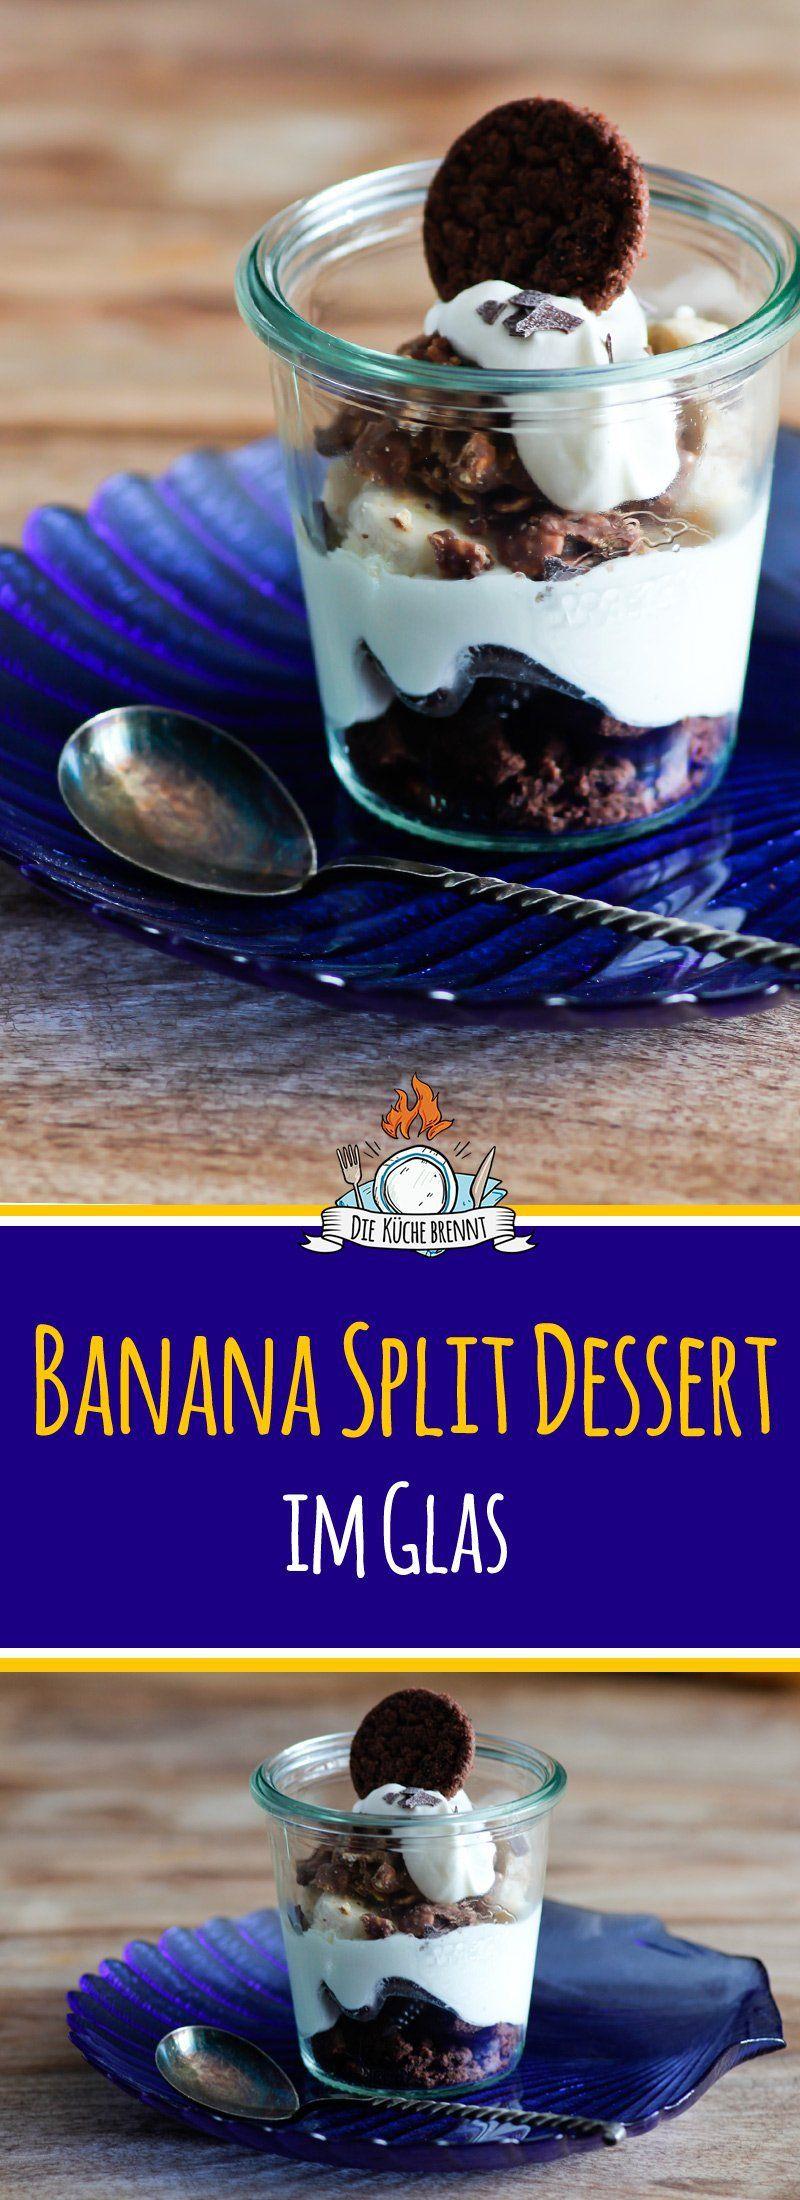 Banana Split im Glas - schnelles Dessert #dessertfacileetrapide